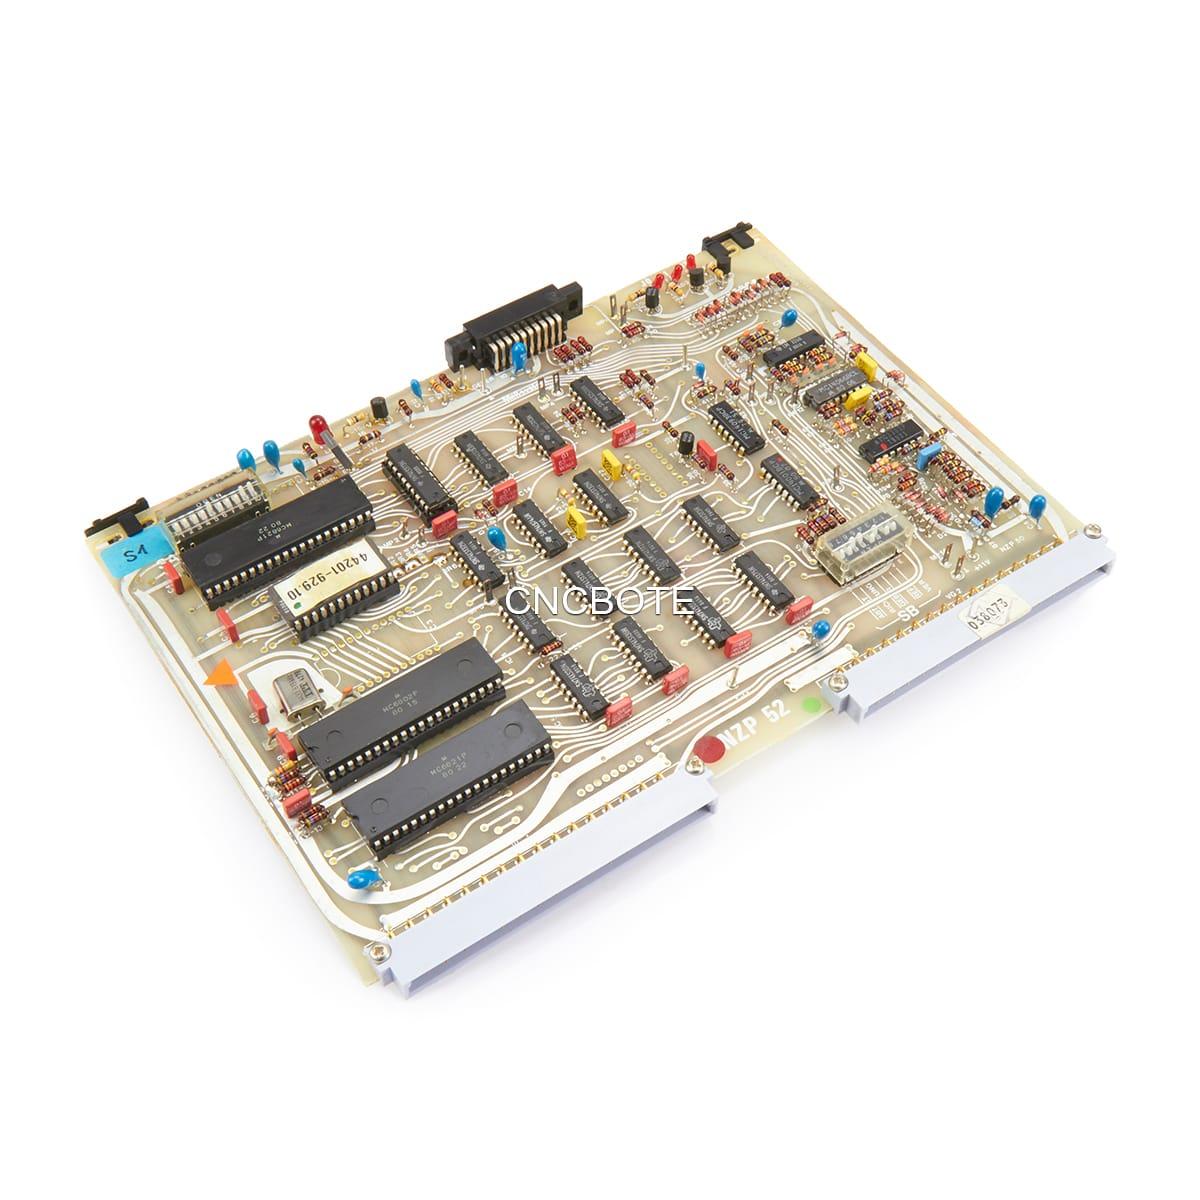 GRUNDIG NZP 52 Platine für Deckel Dialog 2 - CNC BOTE